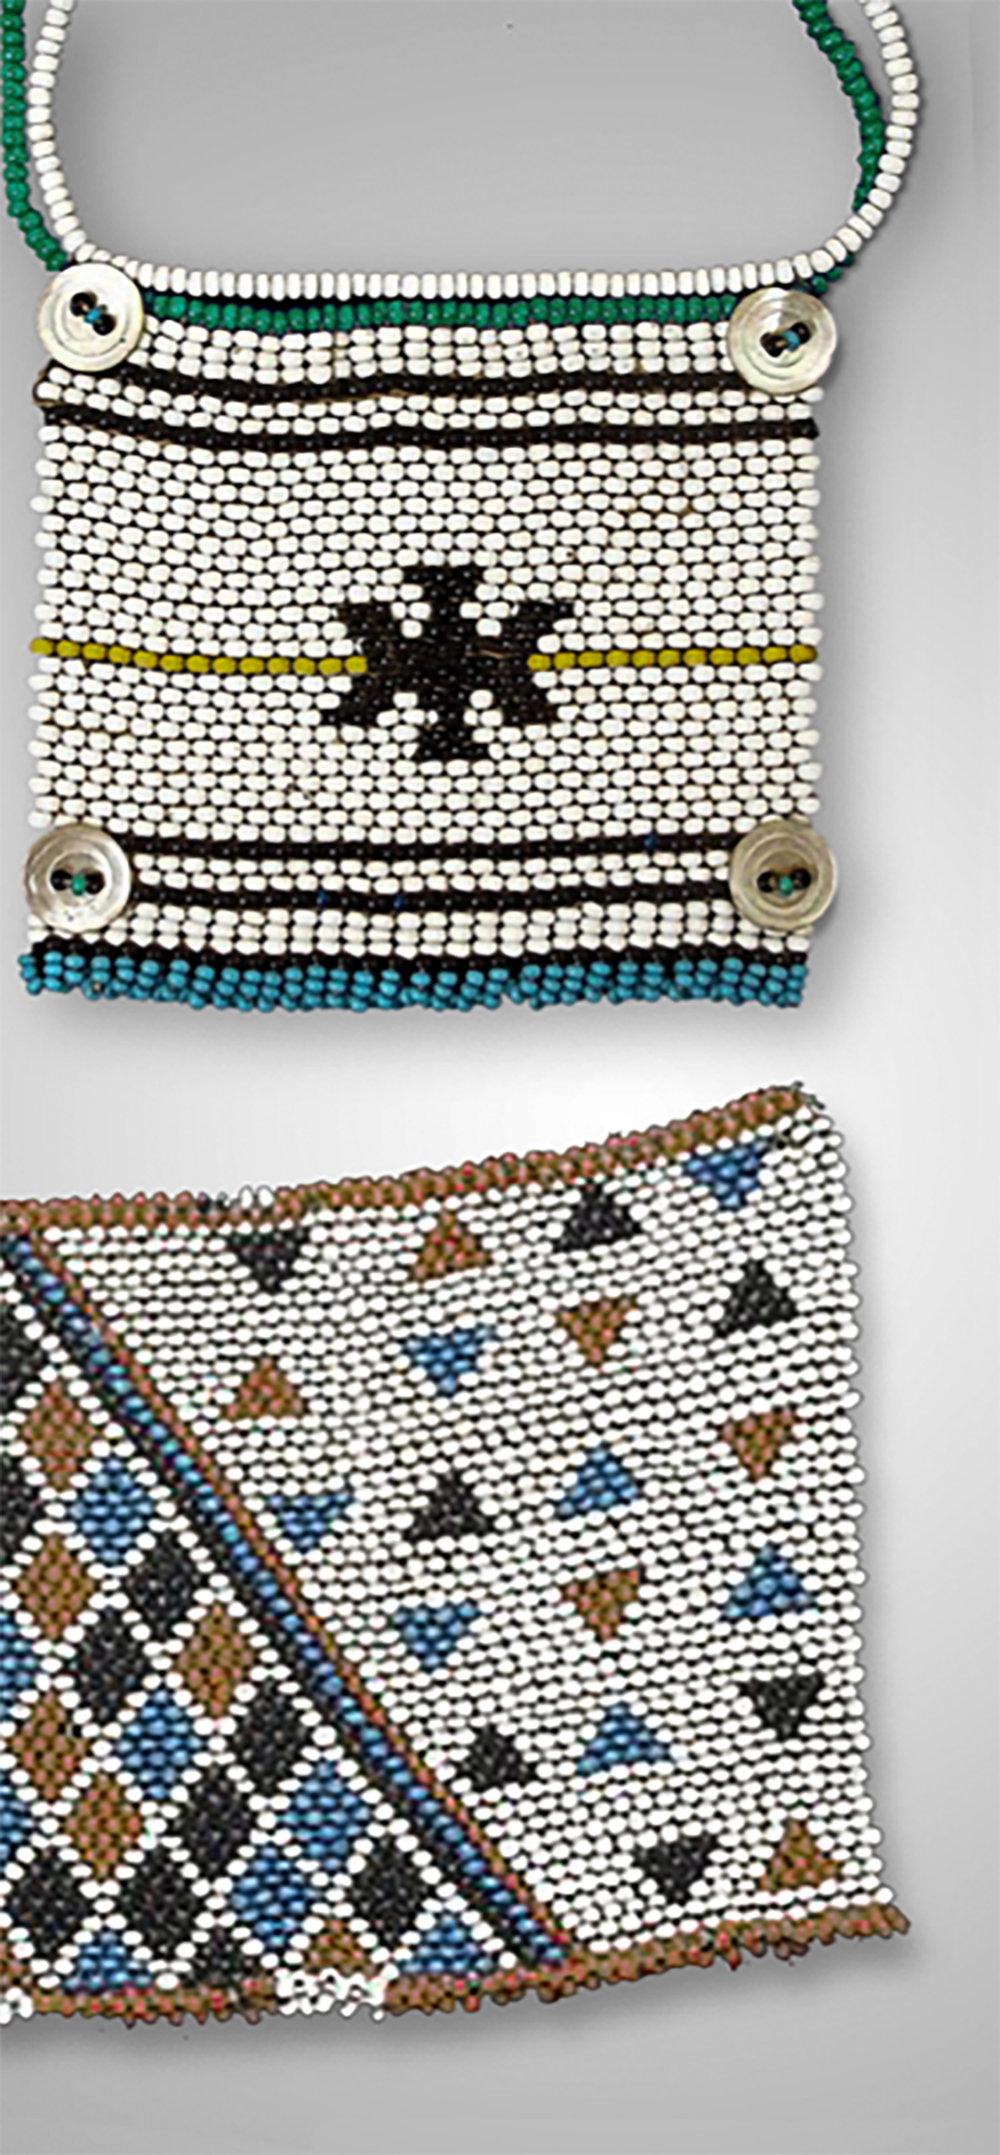 Traditional Xhosa beadwork